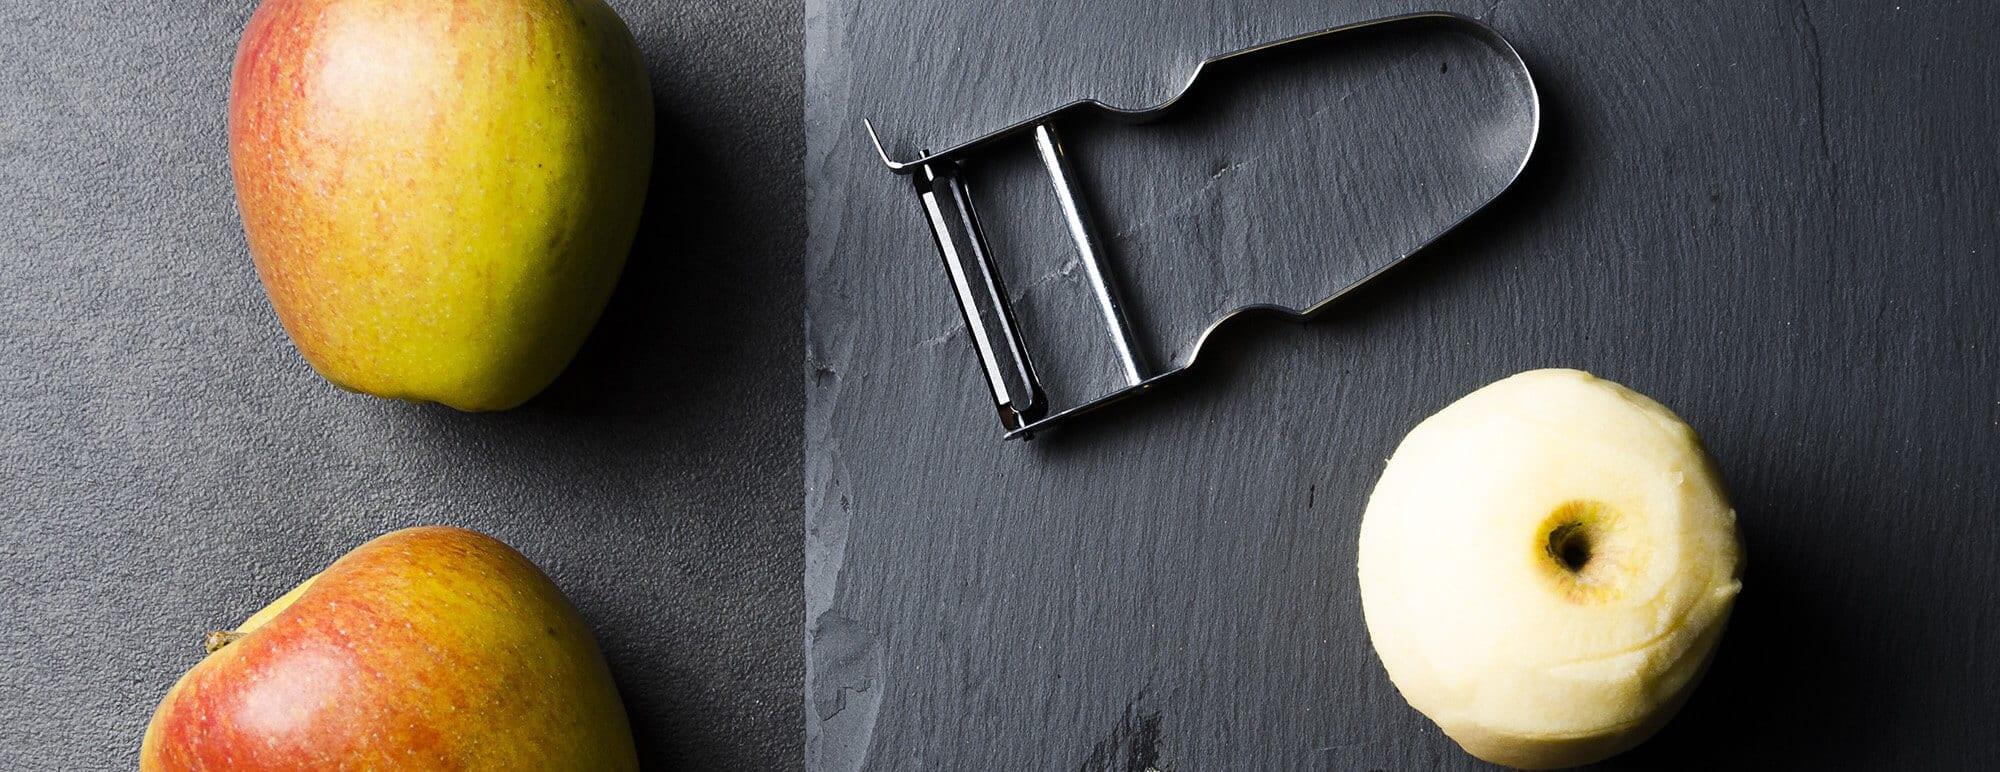 meilleur éplucheur économe pèle pommes épluche fruit légumes guide d'achat comparatif